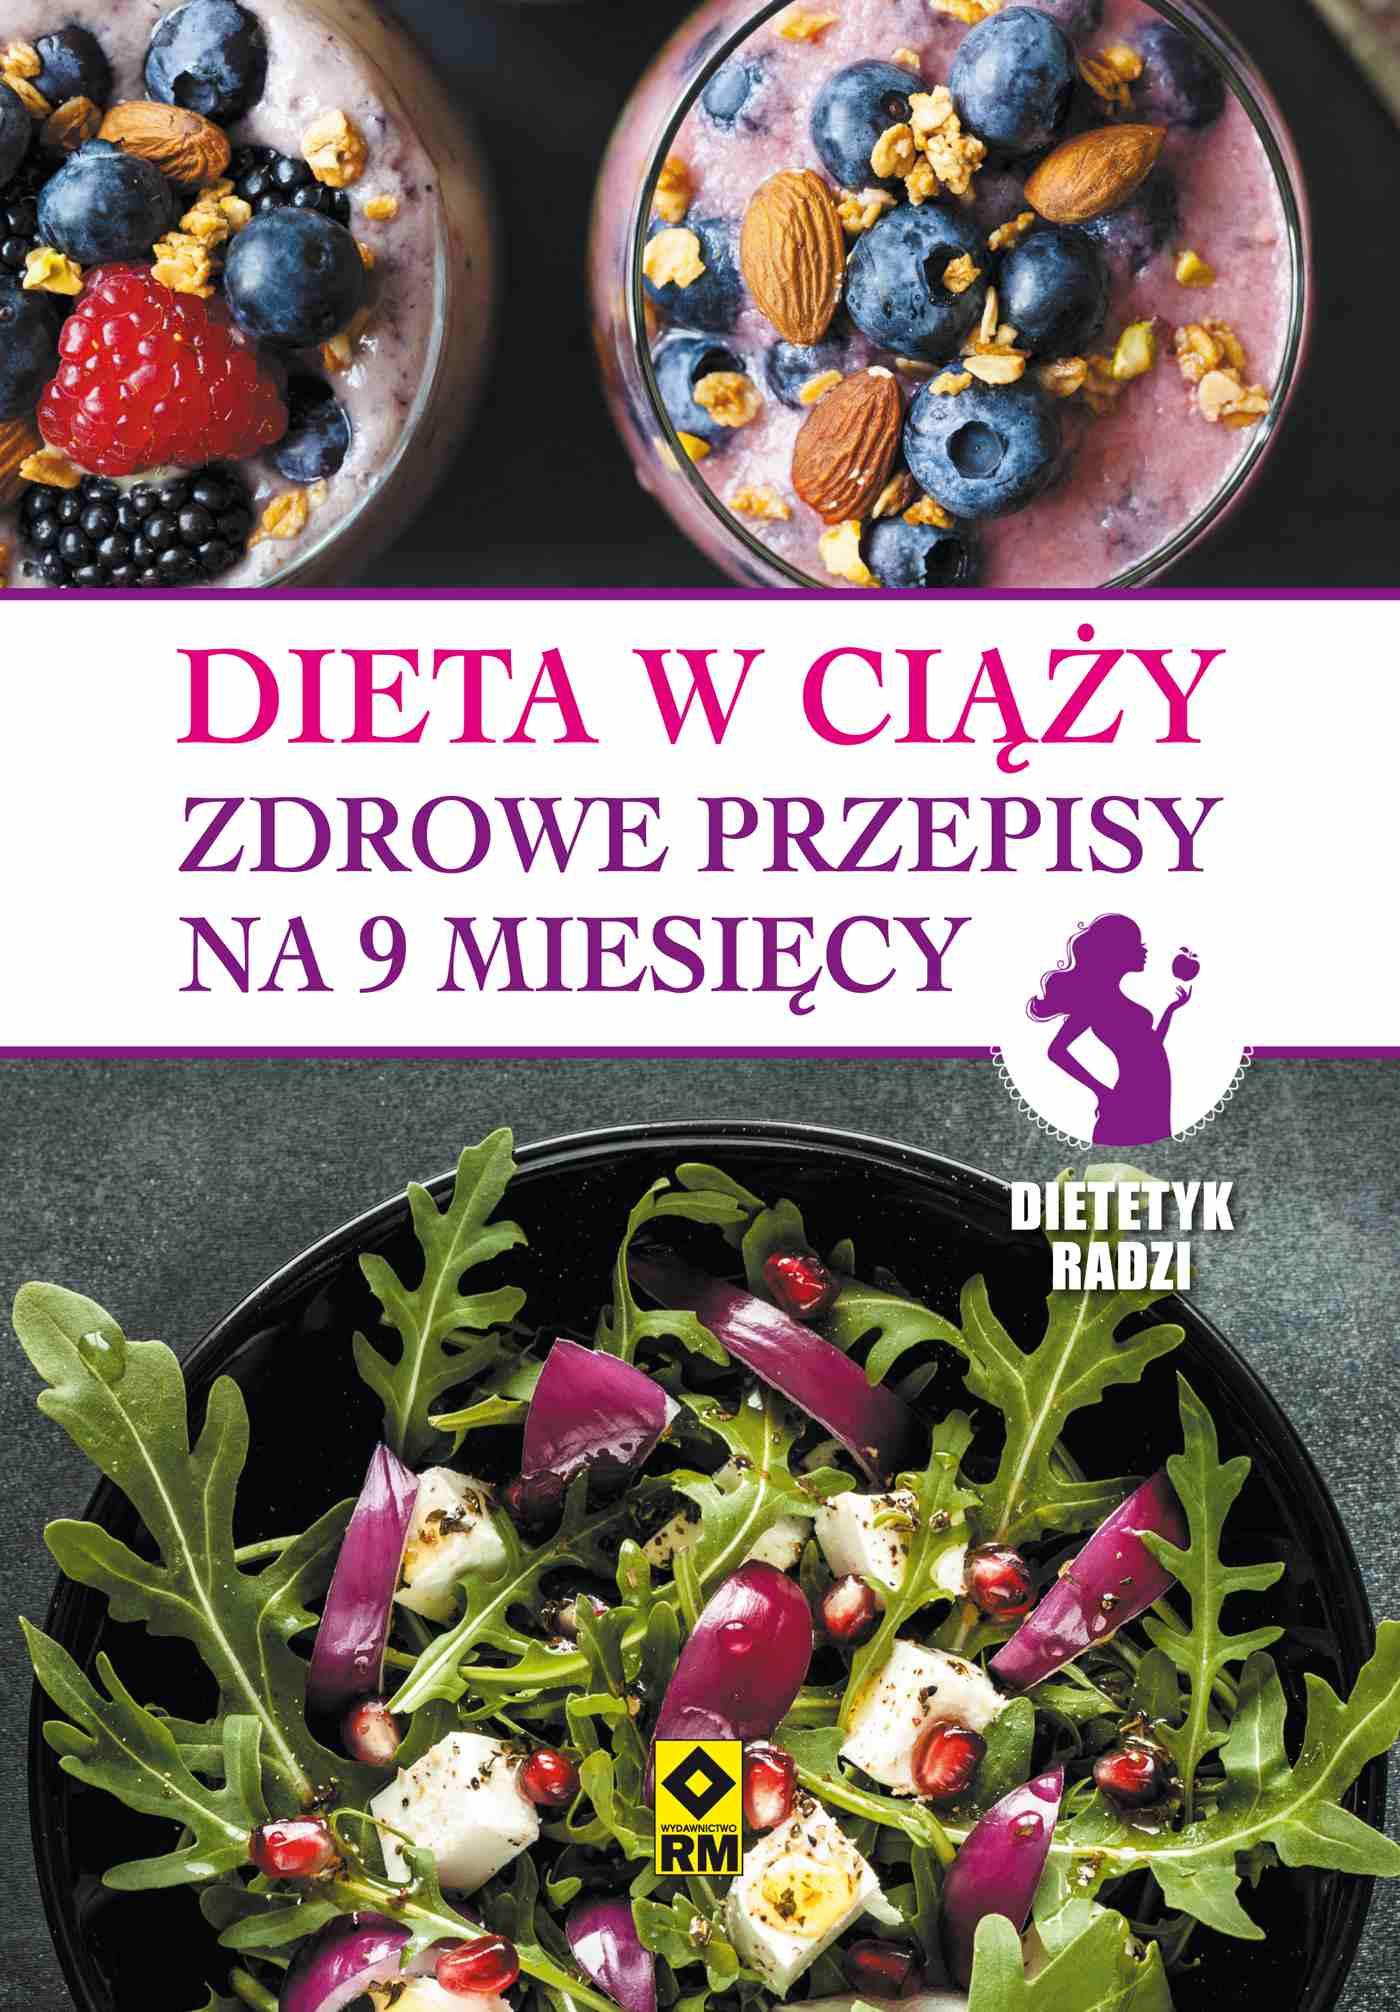 Dieta w ciąży. Zdrowe przepisy na 9 miesięcy - Ebook (Książka EPUB) do pobrania w formacie EPUB